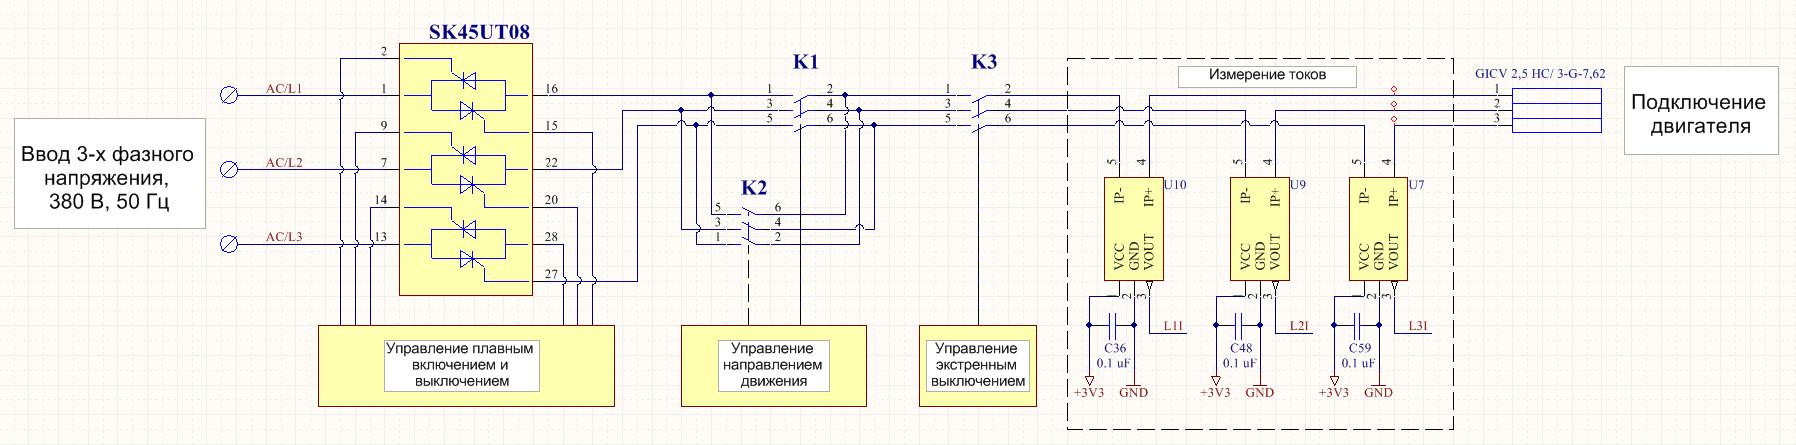 Умная плата для управления силовыми 3-х фазными нагрузками - 4